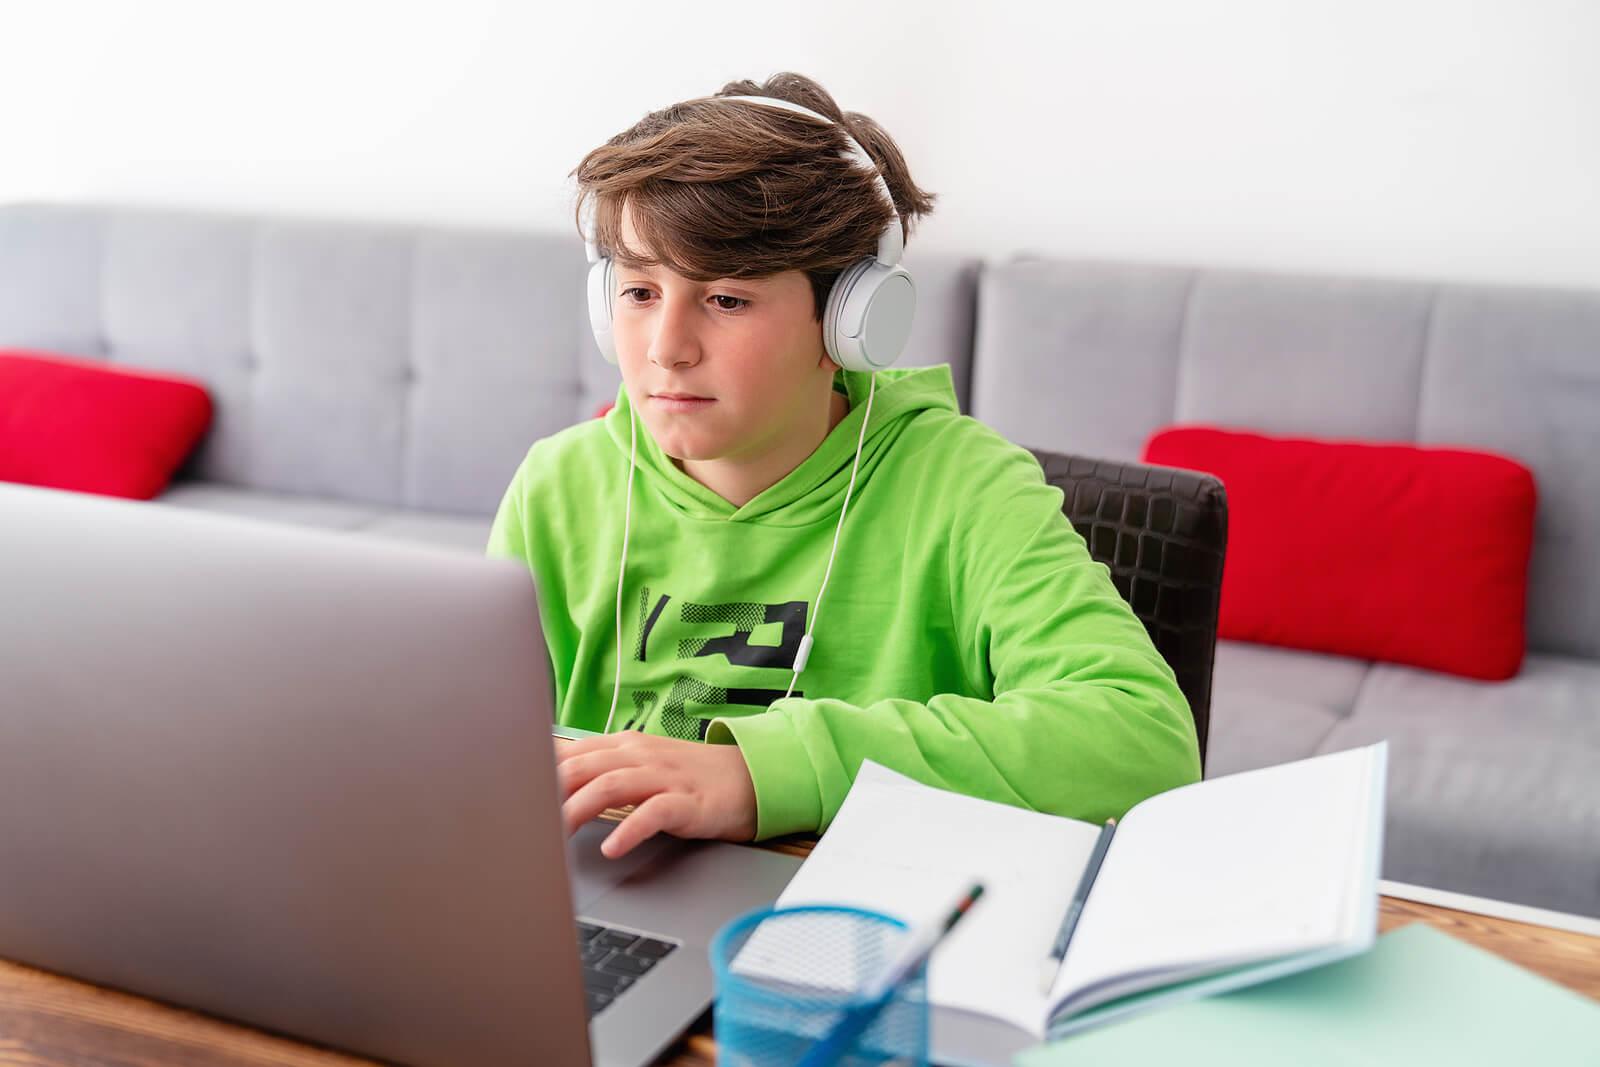 Chico estudiando en casa con el ordenador.